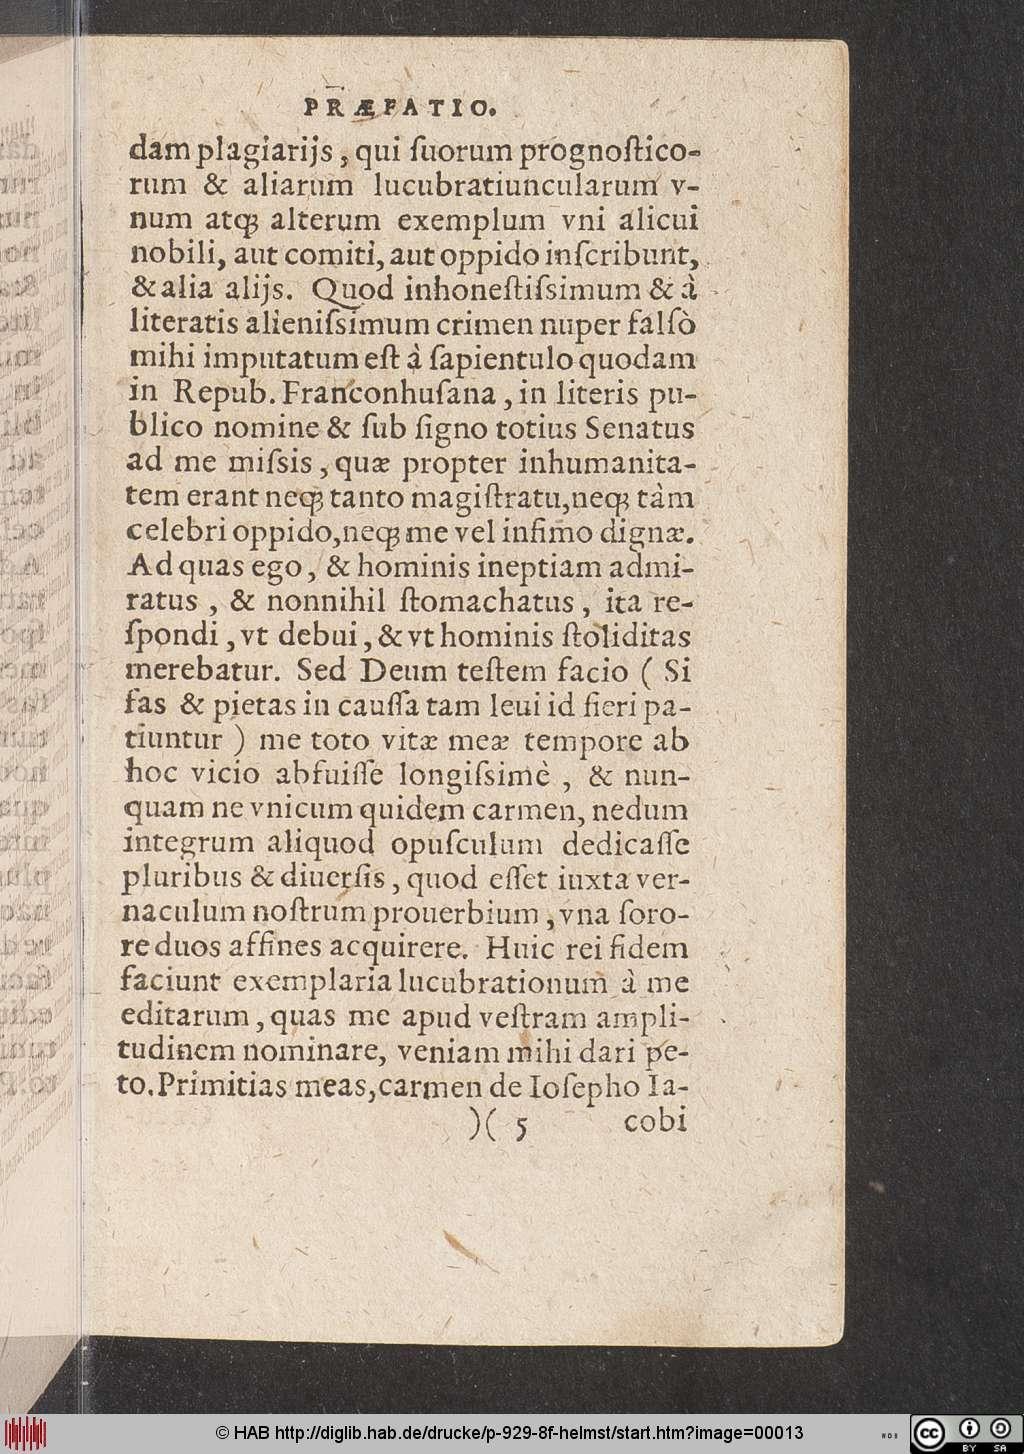 http://diglib.hab.de/drucke/p-929-8f-helmst/00013.jpg